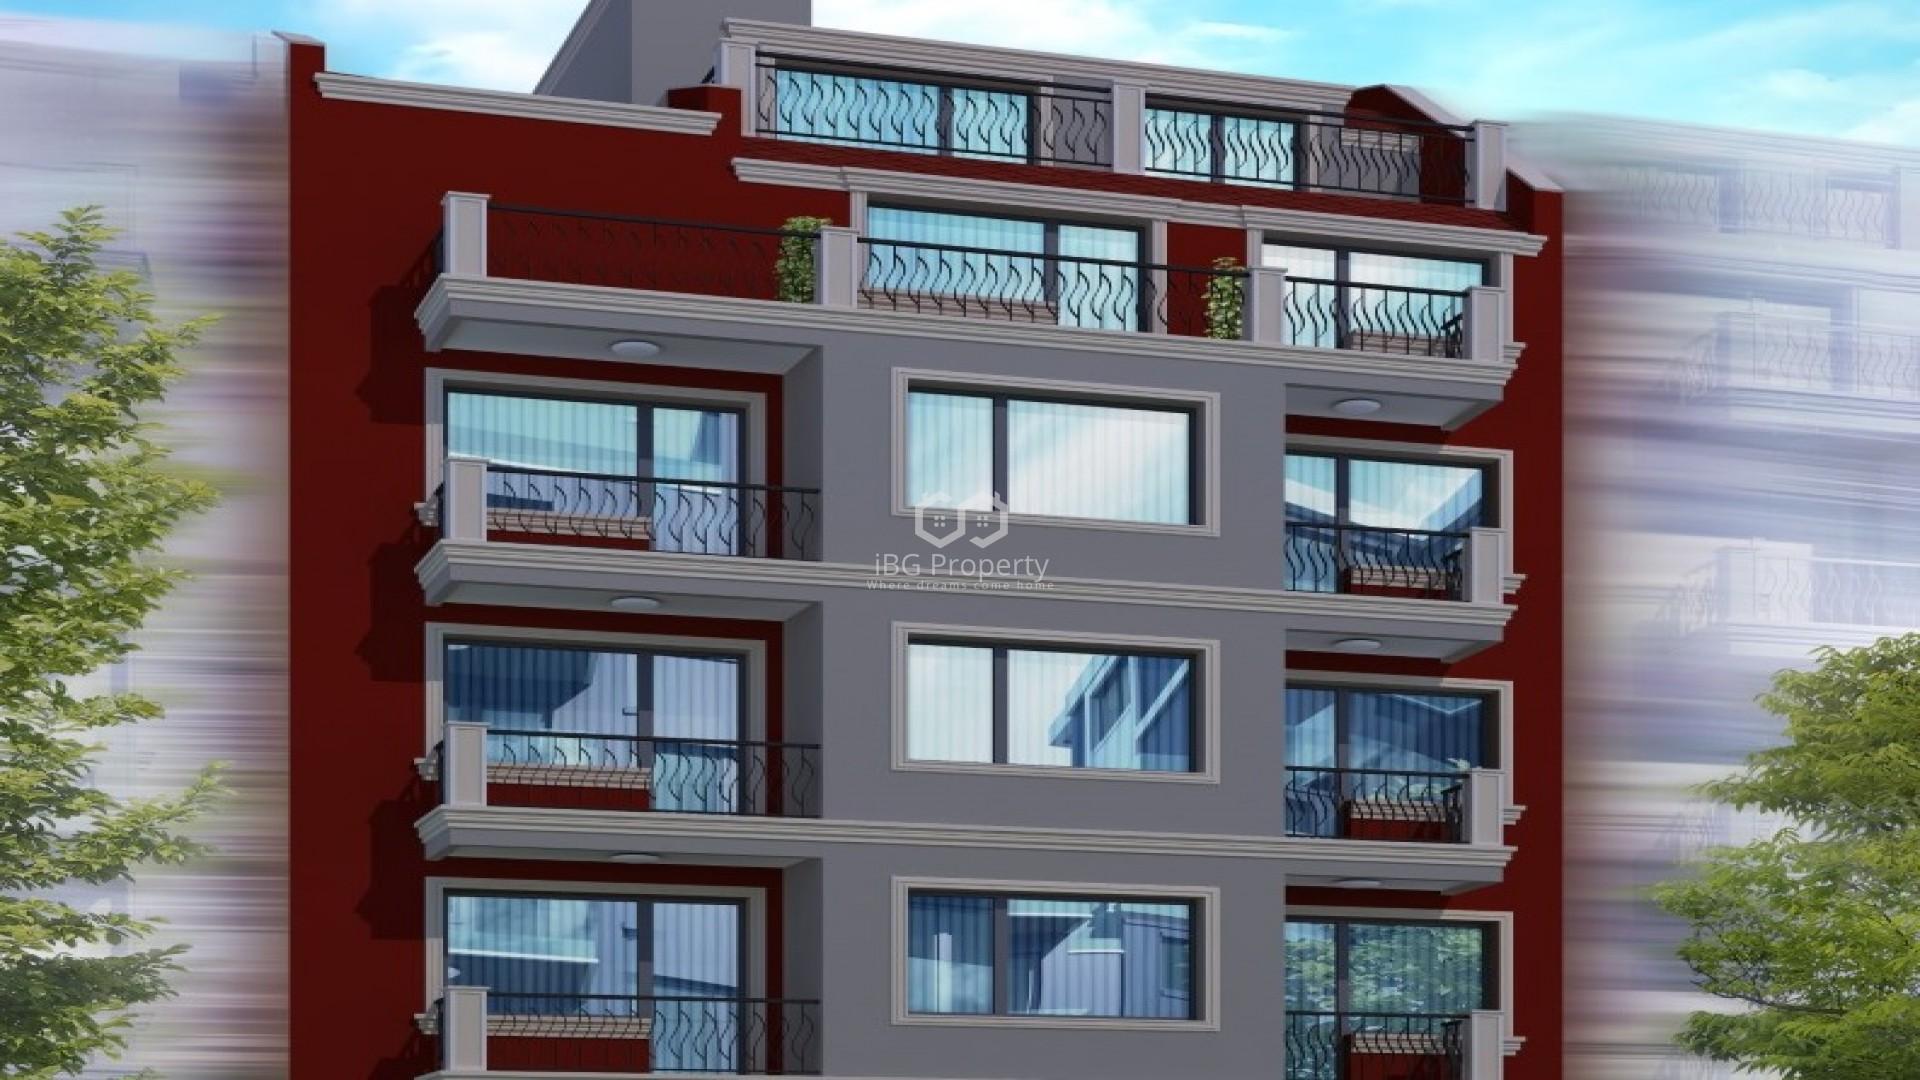 Едностаен апартамент Цветен квартал Варна 52 m2